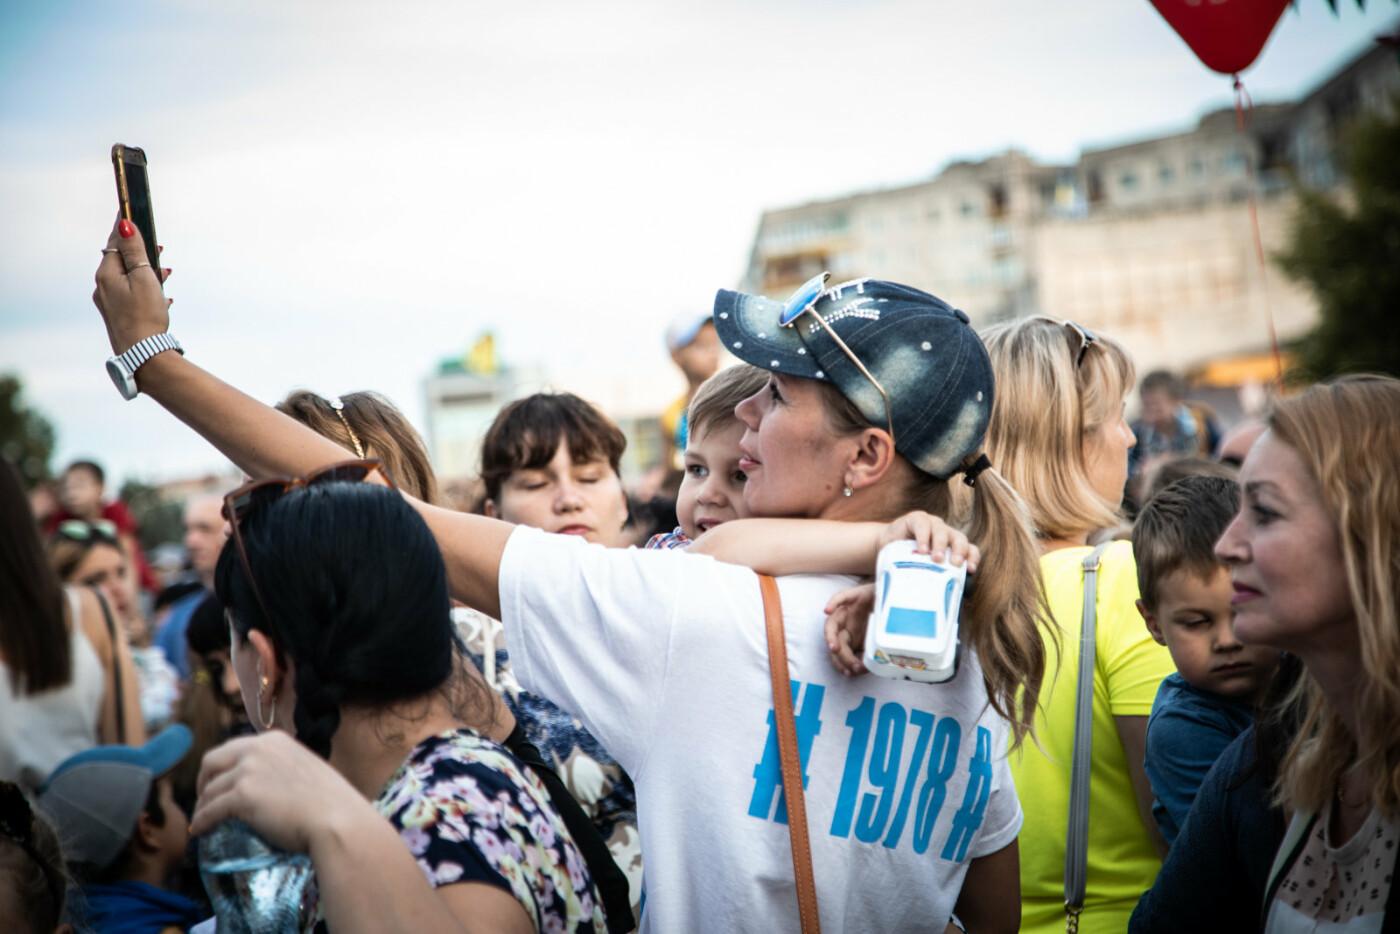 Встреча с Сергеем Рыбалка и концерт группы «НеАнгелы» стали самым масштабным событием в Лисичанске за десятилетие, фото-5